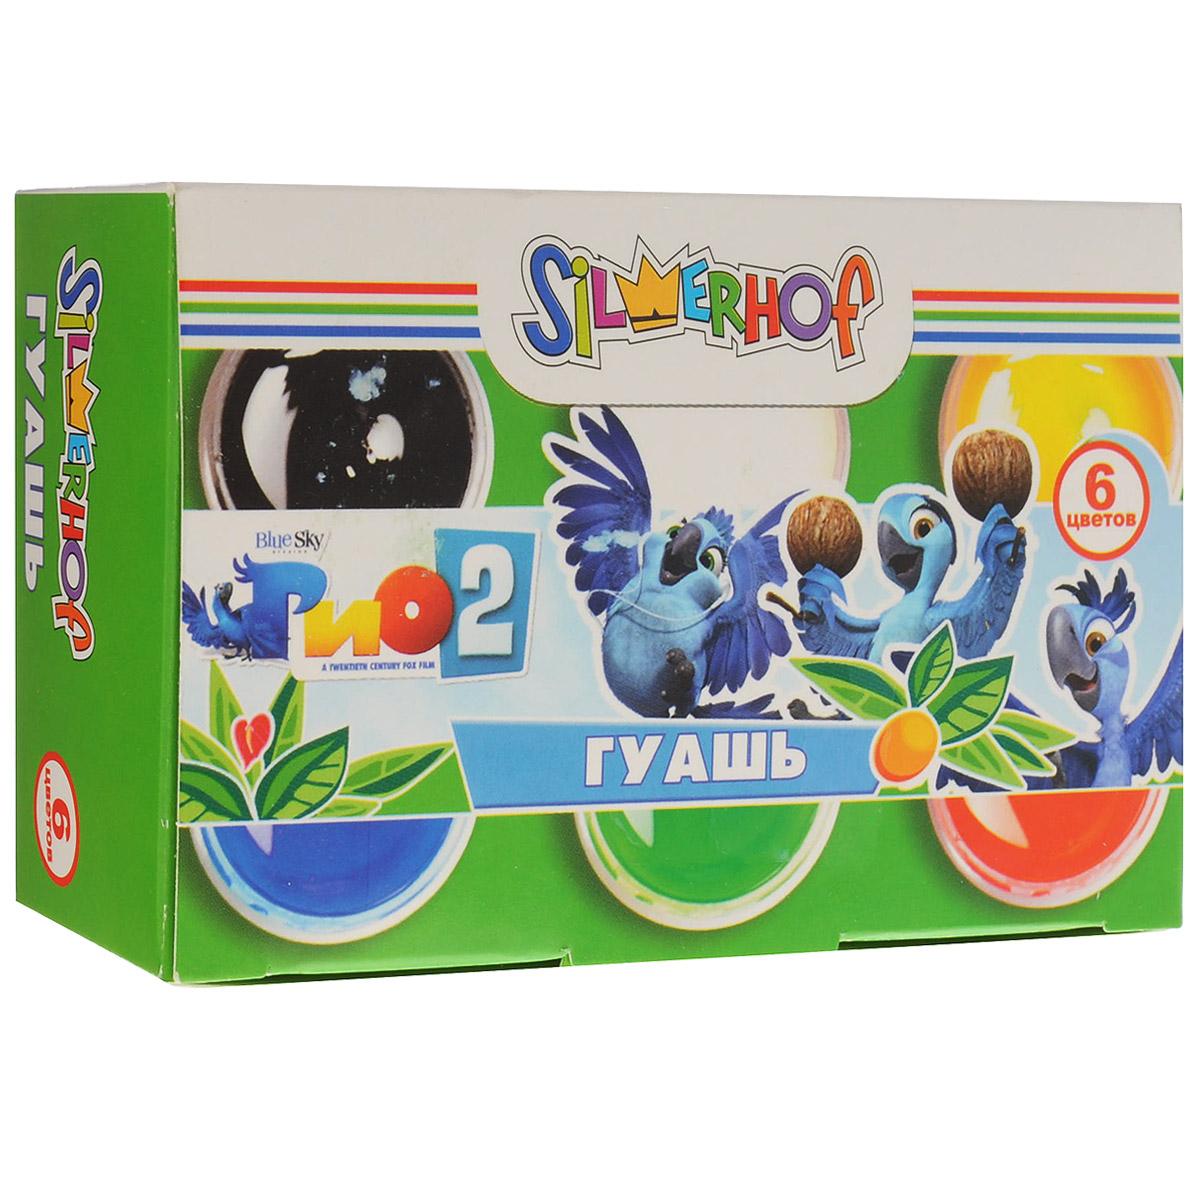 Гуашь Silwerhof Rio 2, 6 цветов962070-06Гуашь Silwerhof Rio 2 предназначена для детского творчества, выполнения художественно-декоративных, оформительских работ. Набор состоит из 6 ярких и насыщенных цветов (белый, зеленый, красный, желтый, черный, синий), обладающих однородным окрашиванием. Каждый цвет упакован в прозрачную пластиковую баночку с крышкой. Краска предназначена для рисования на бумаге и картоне. При смешивании краски получается множество новых оттенков. Работа с гуашью будет способствовать развитию творческой личности ребенка, а также развитию цветового восприятия. Рекомендуемый возраст: от 3 лет.